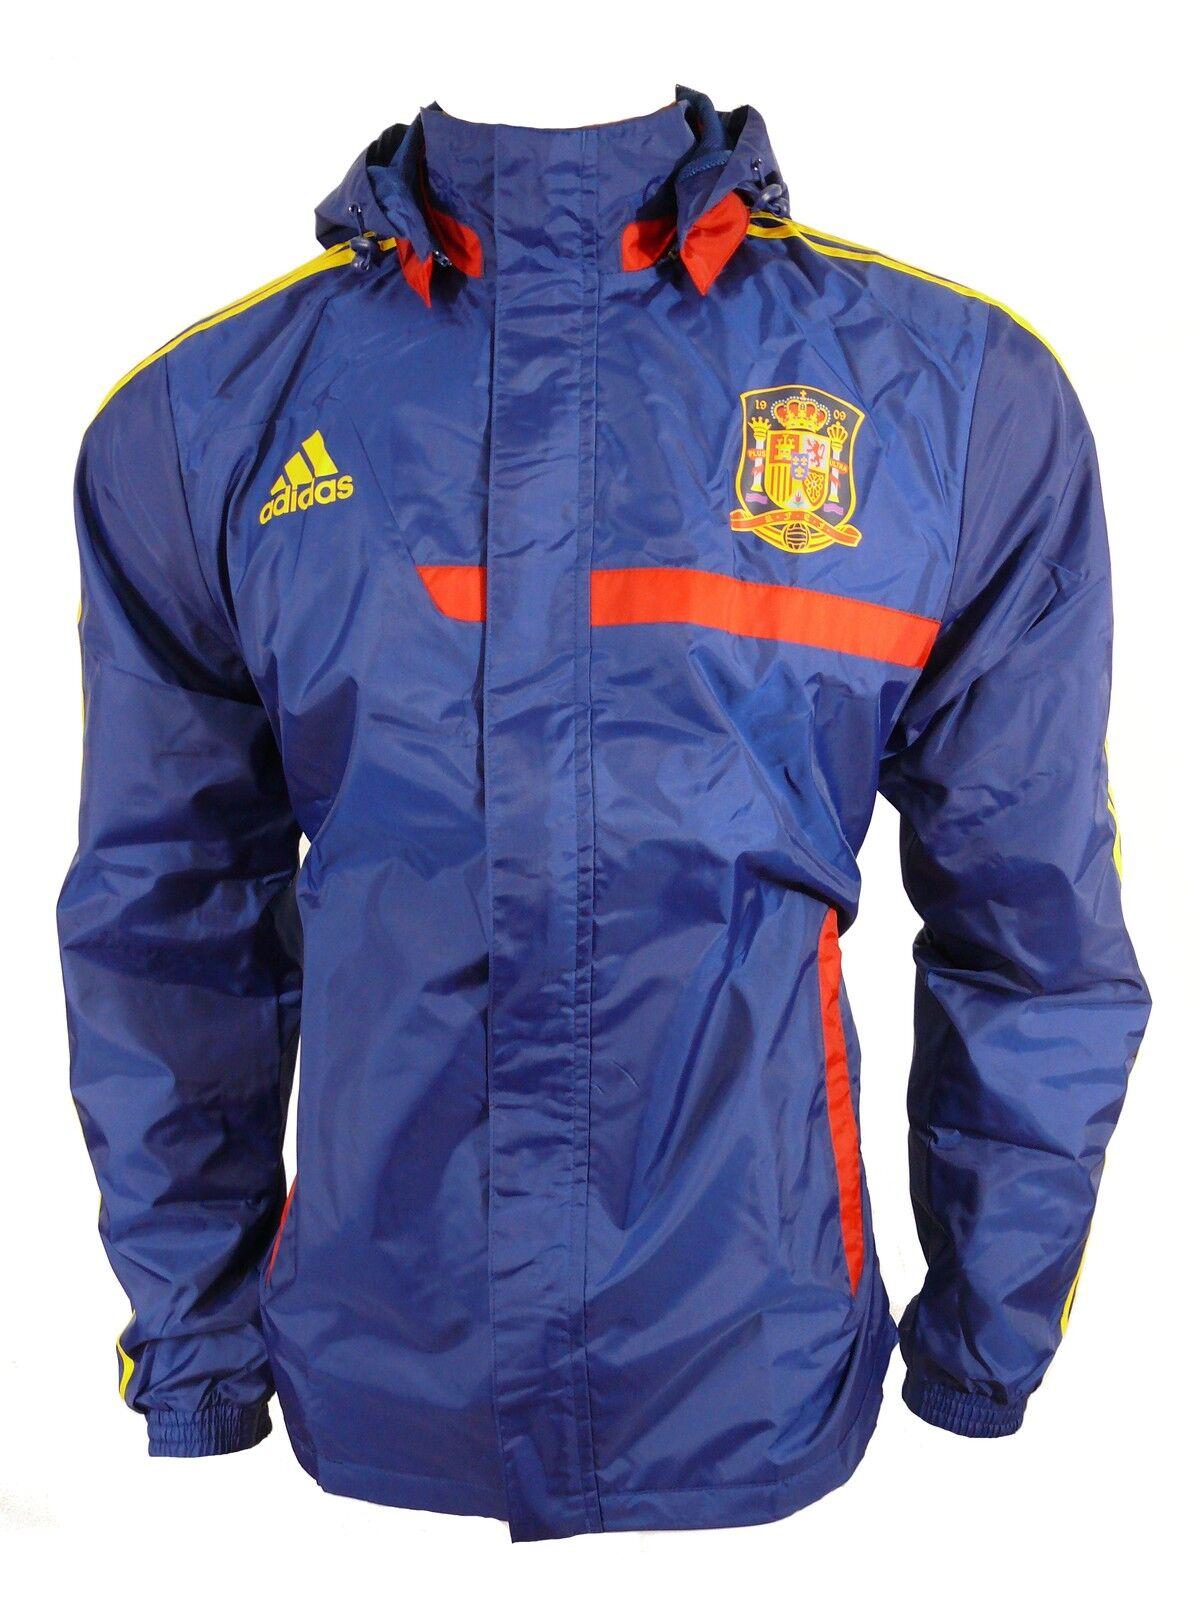 Adidas Spanien FEF Regenjacke Jacke    Gr.S-M (5) d0340b